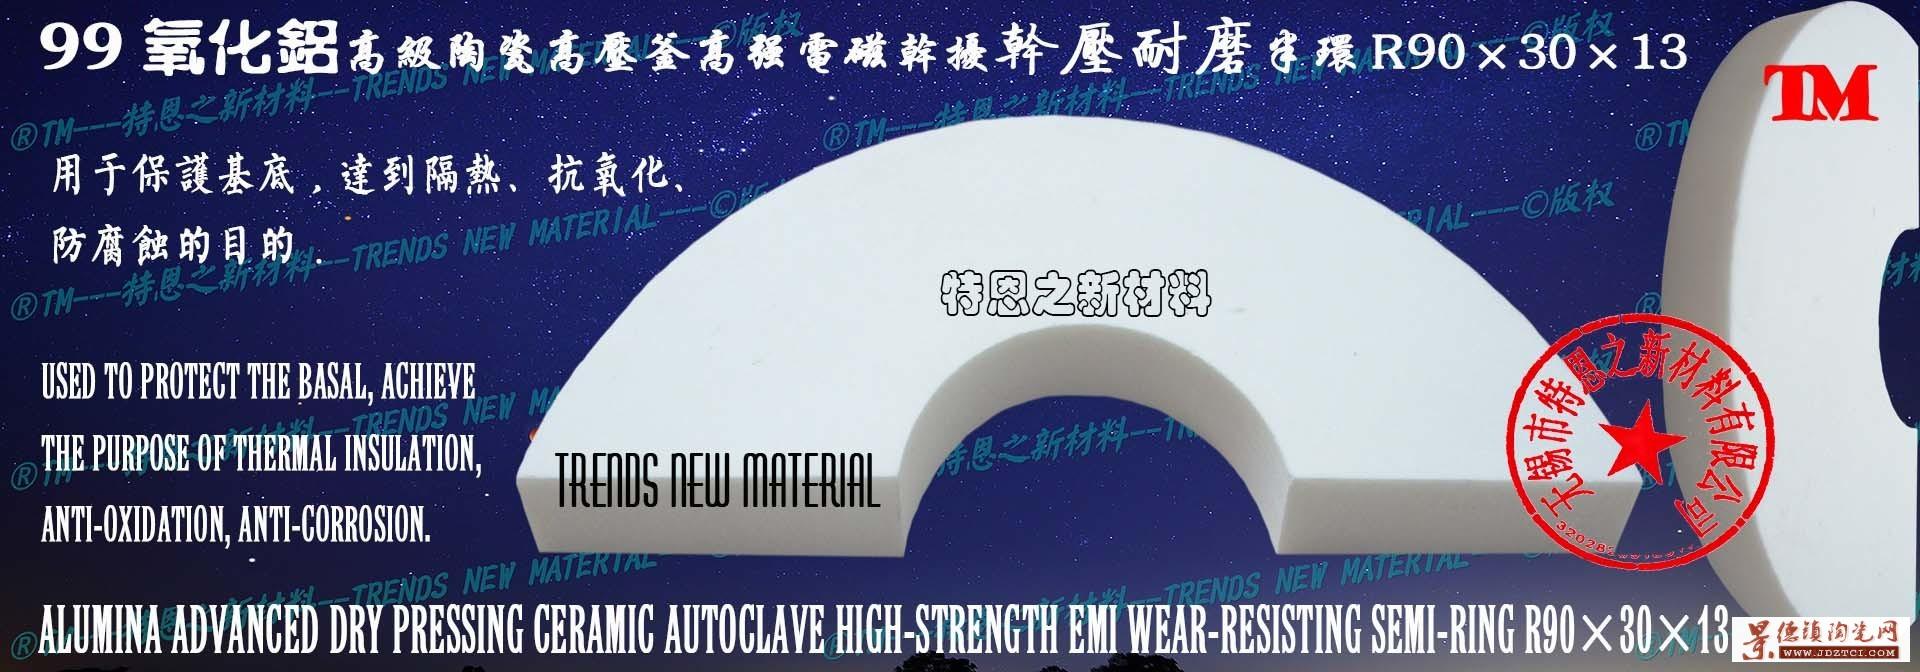 99氧化铝高级干压陶瓷高压釜高强电磁干扰耐磨半环R90×30×13